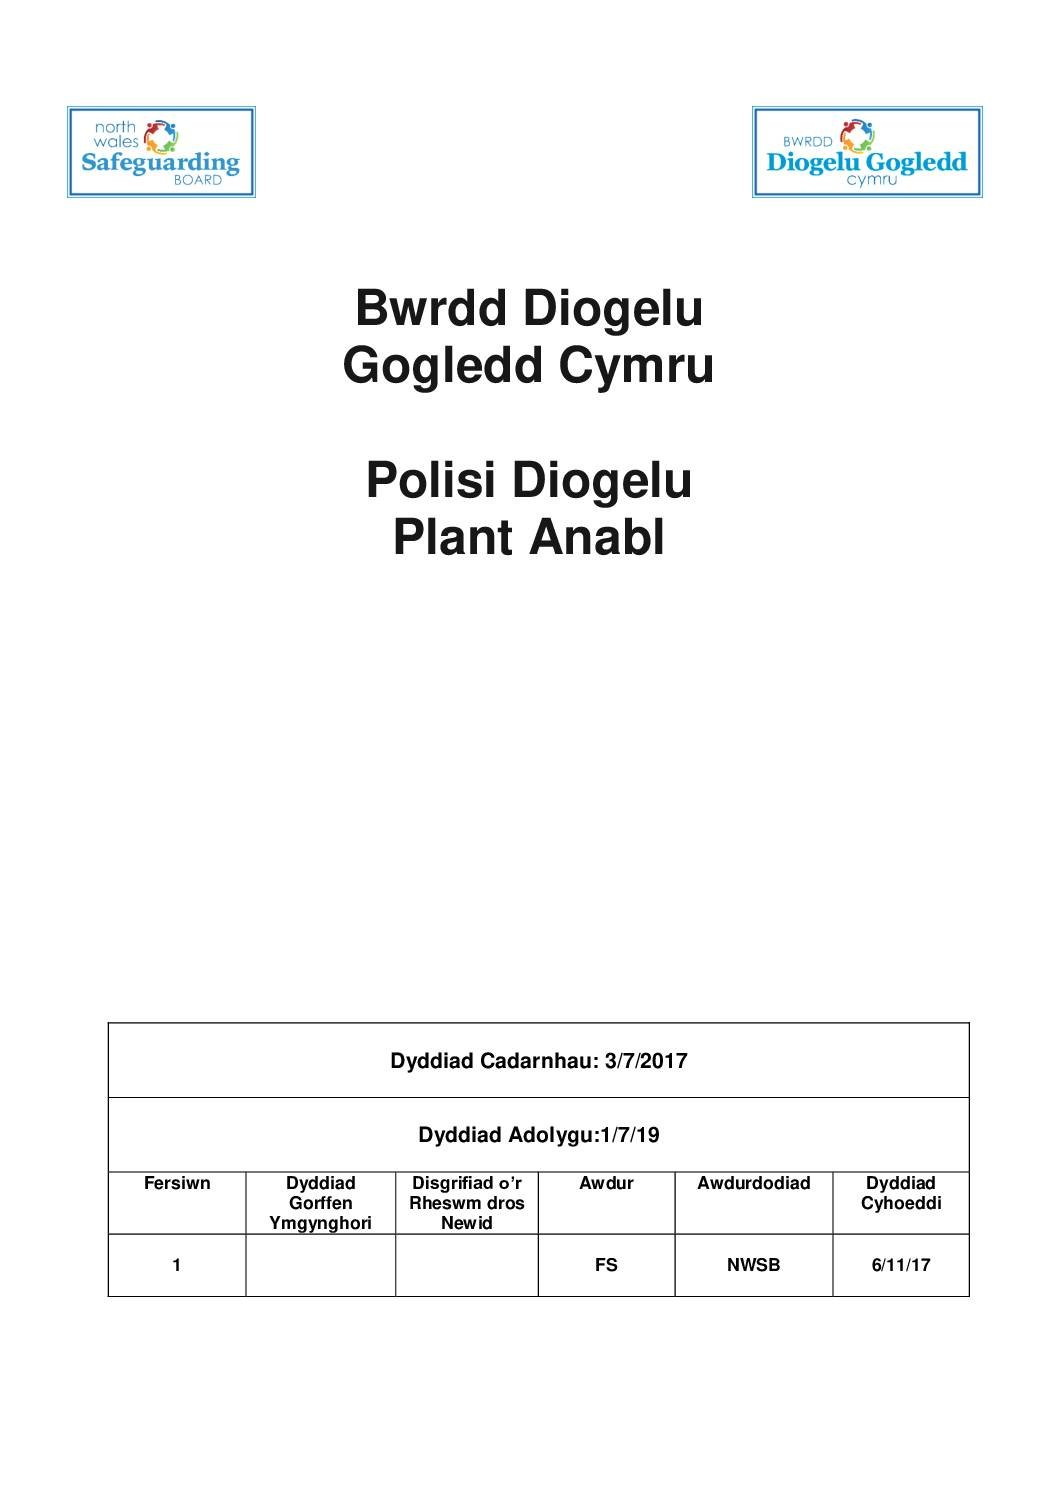 Bwrdd-Deogelu-Gogledd-Cymru-Polisi-Diogelu-Plant-Anabl